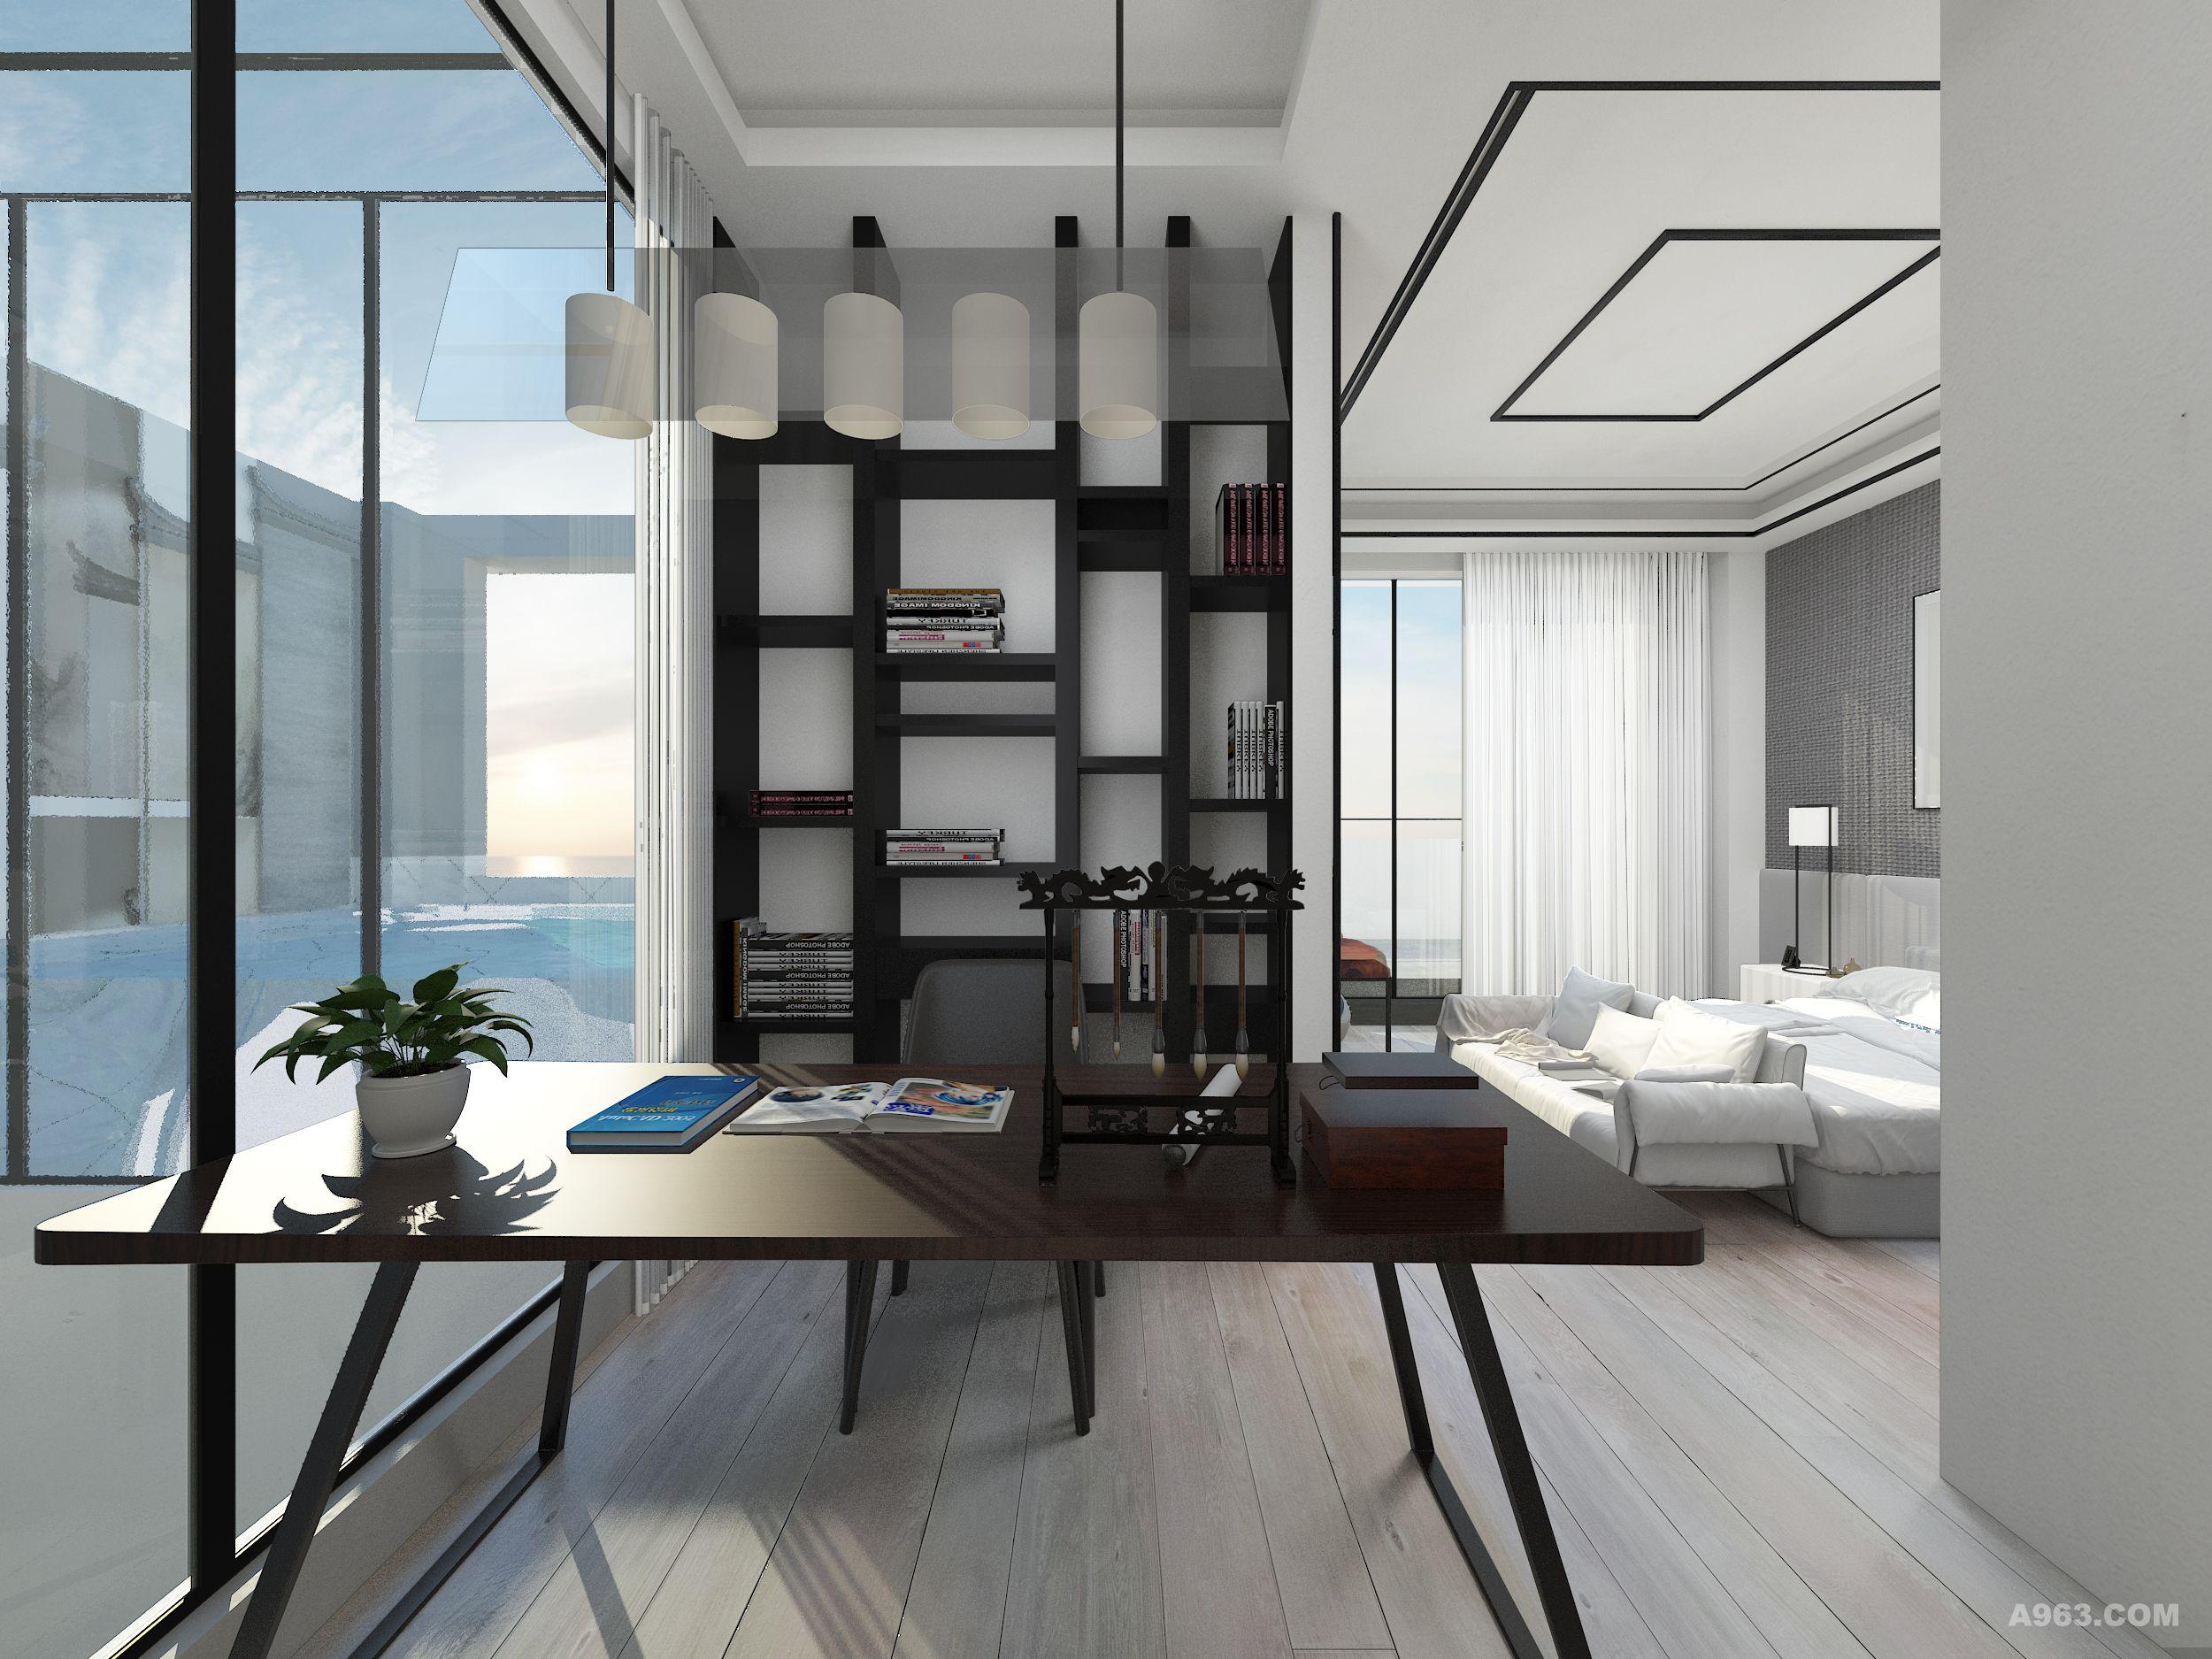 节省了空间,也统一规划了区块;一楼客厅顶部为天井,直通三楼;茶室部分